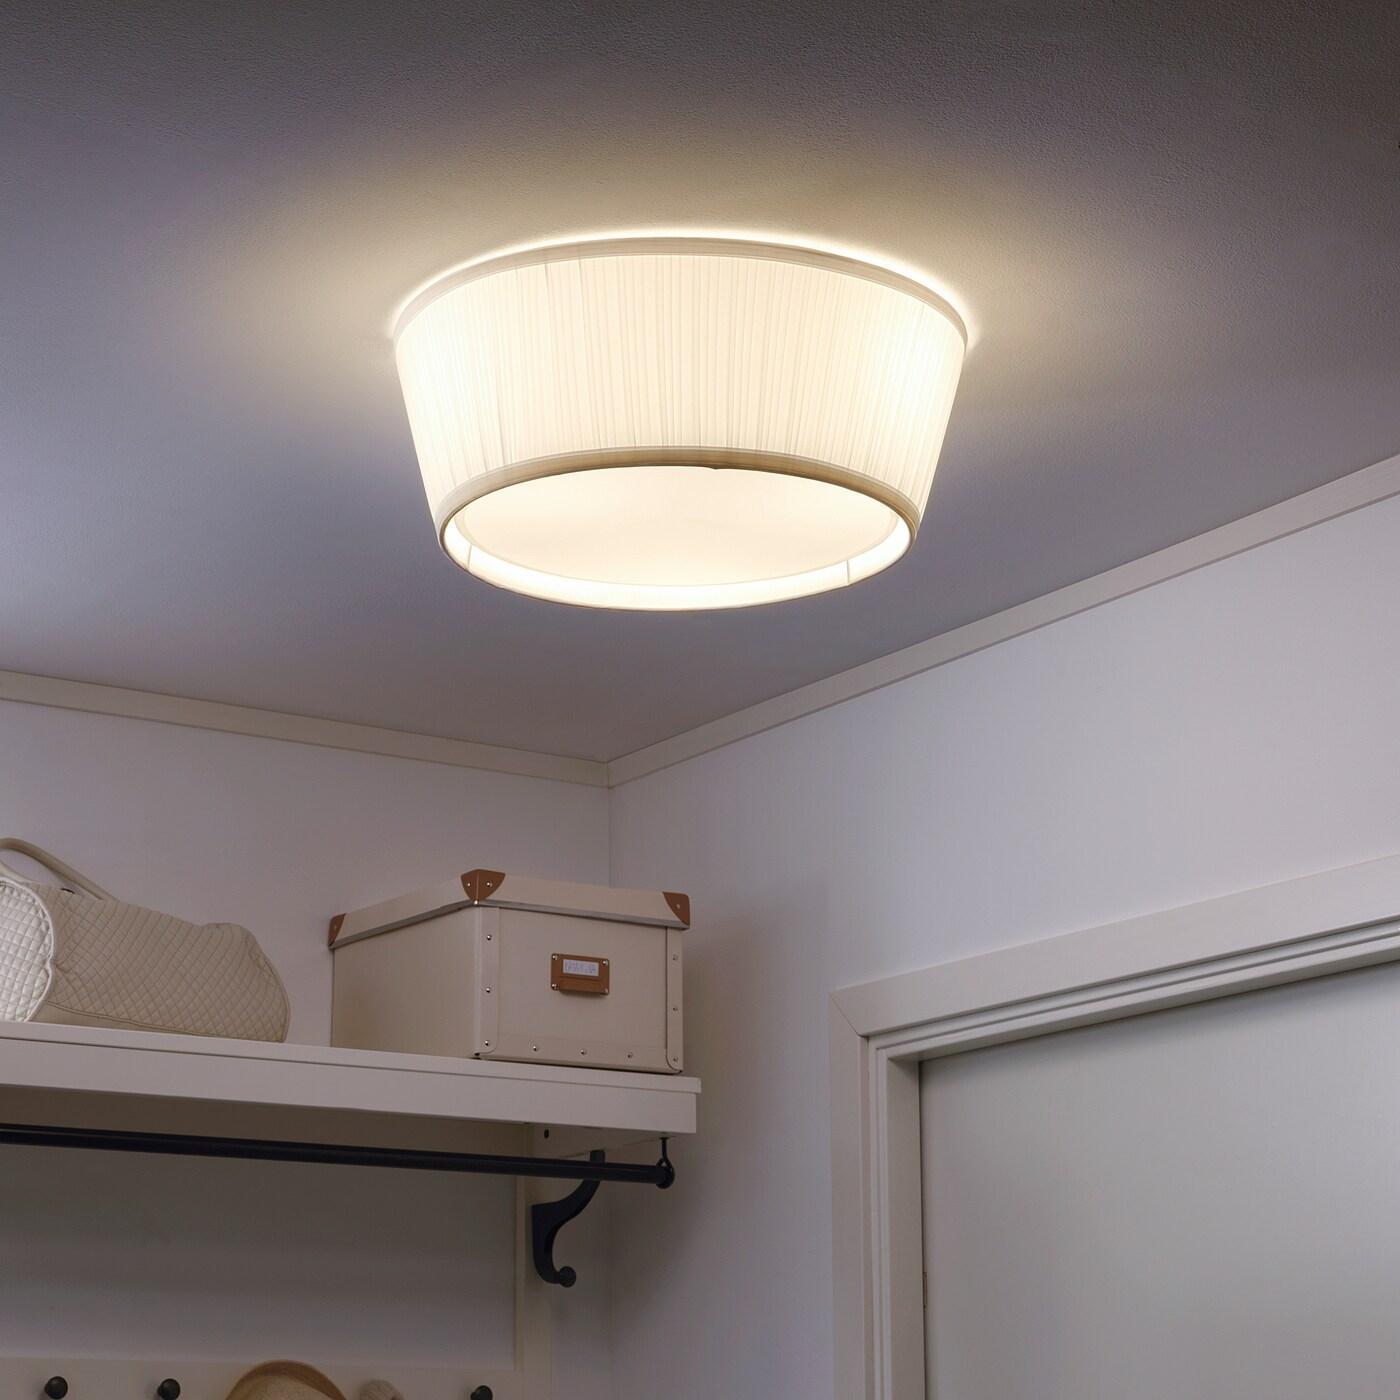 Runde Deckenlampe Ikea